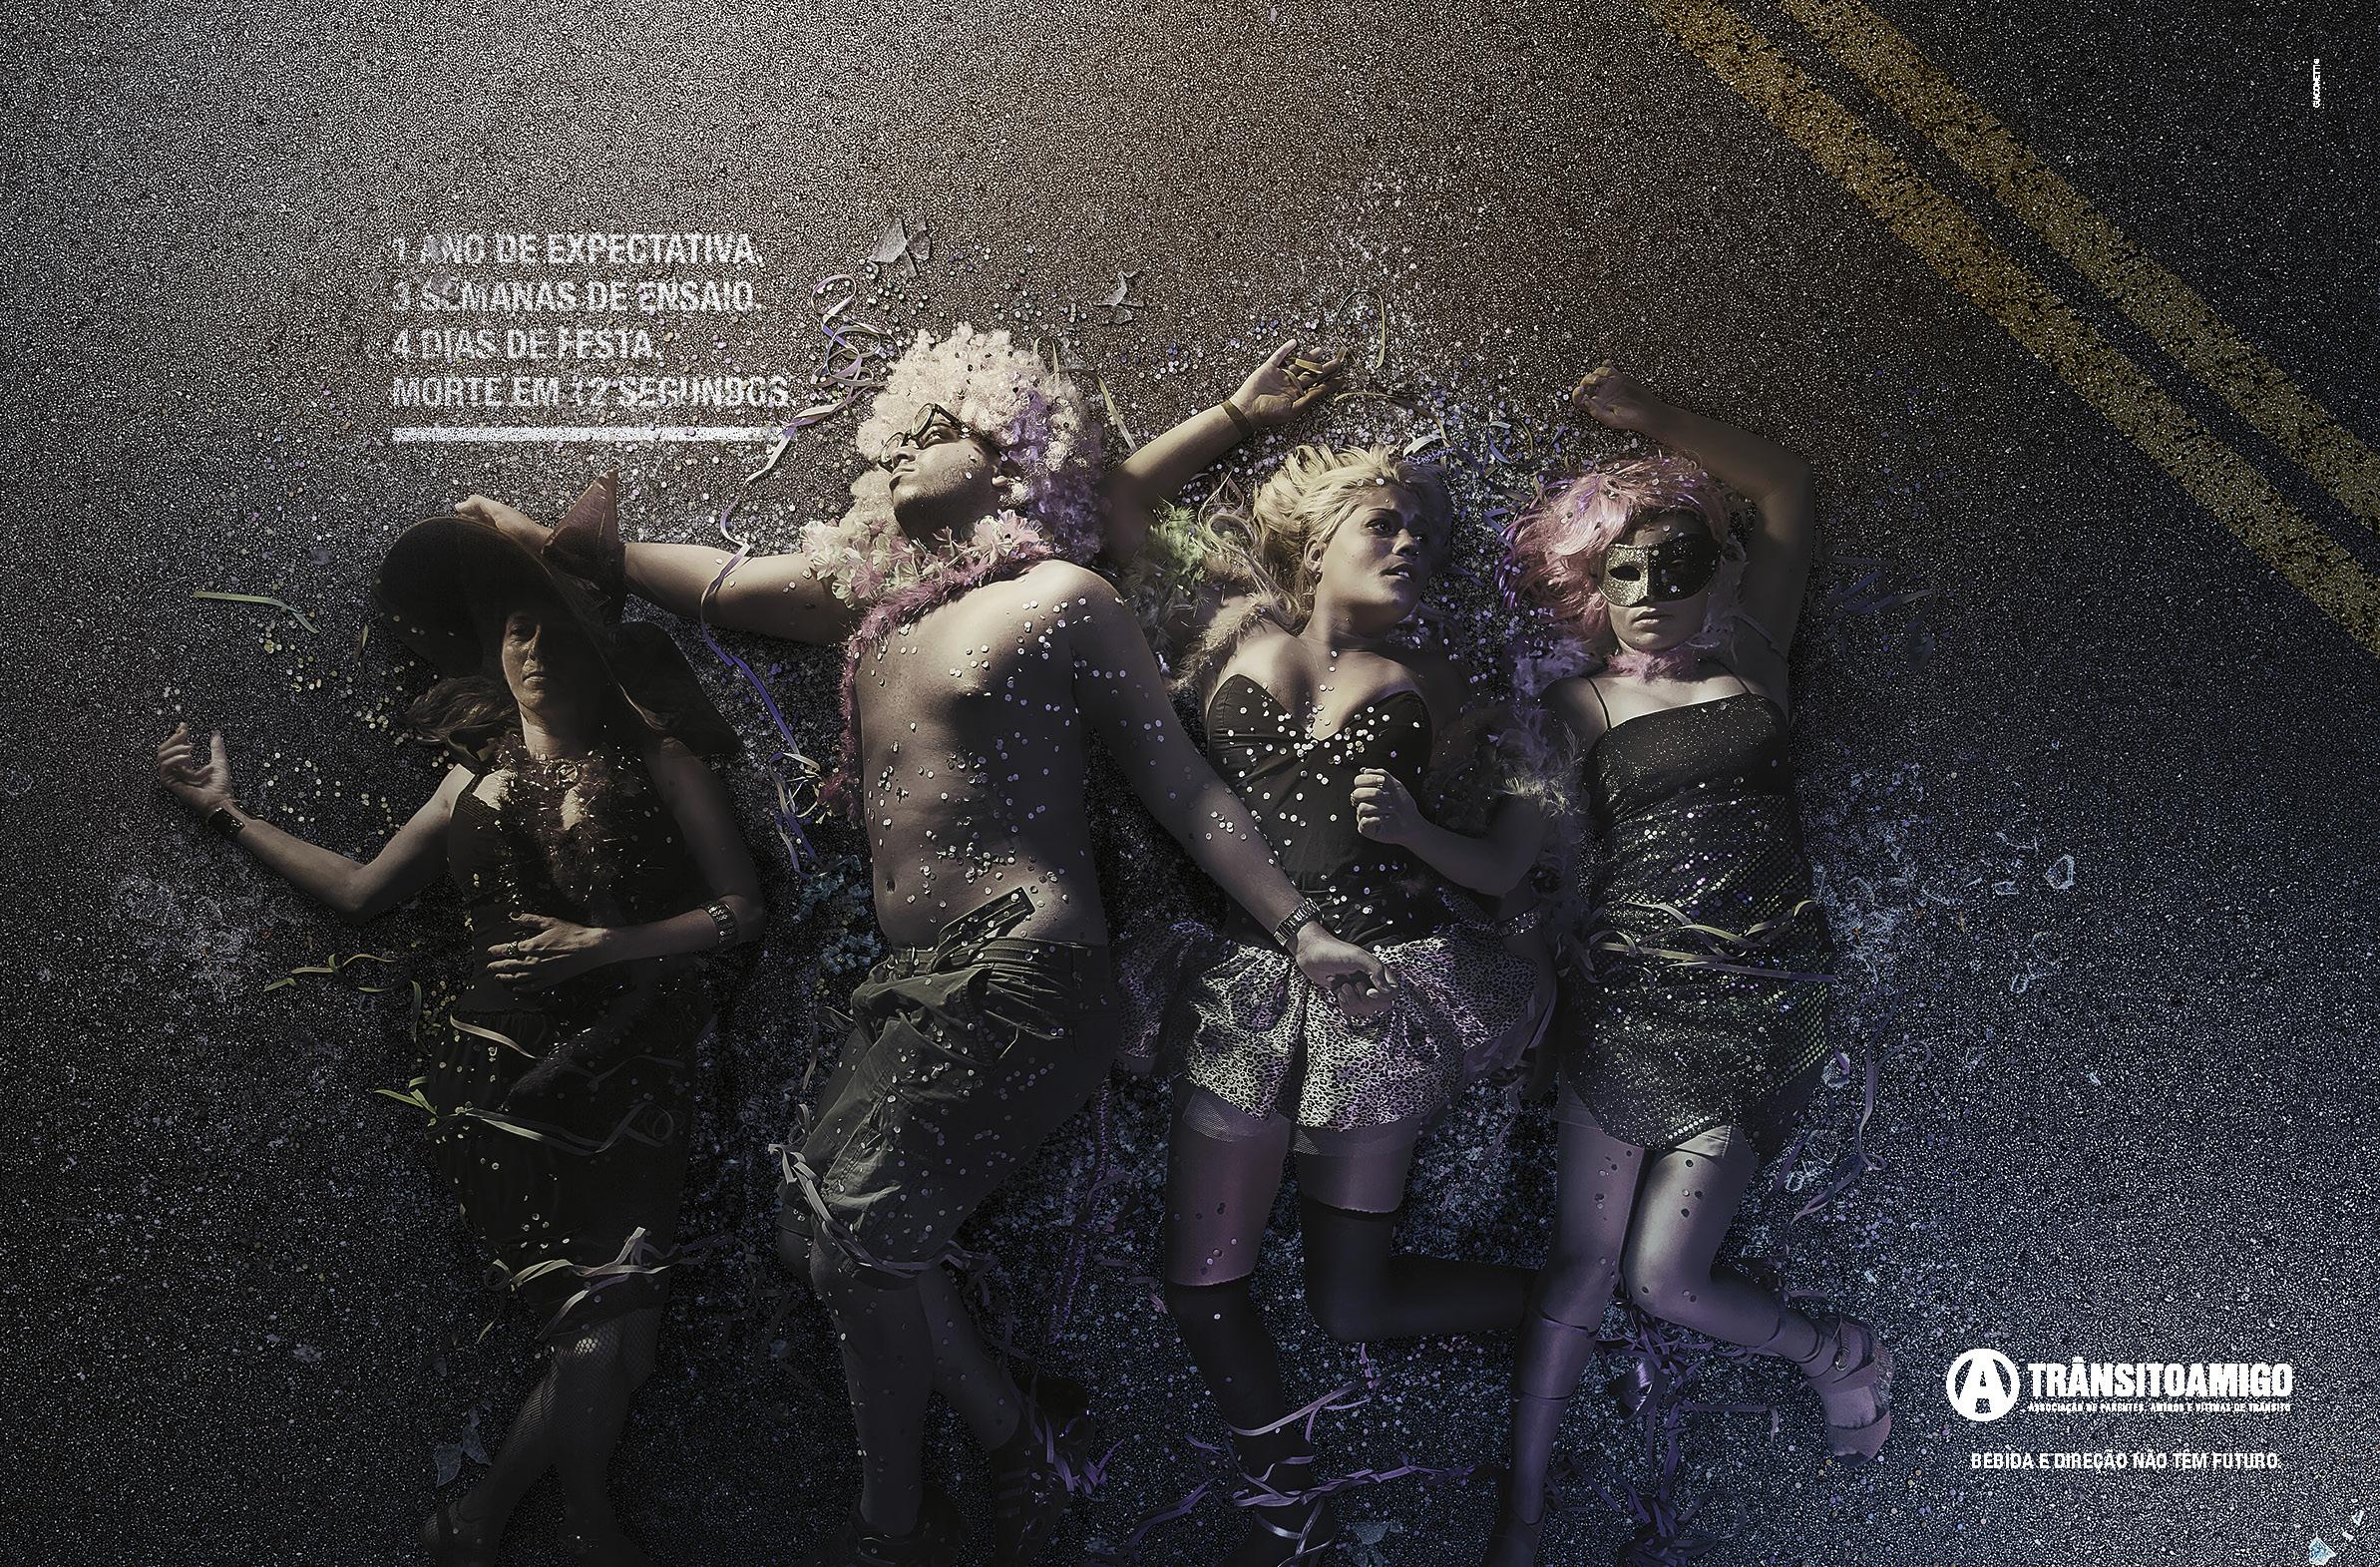 95 transitoAmigo03 Combinação bebida e direção interrompe vidas e planos, diz campanha   Outdoor em BH, Contagem, Betim   Contagem Outdoor